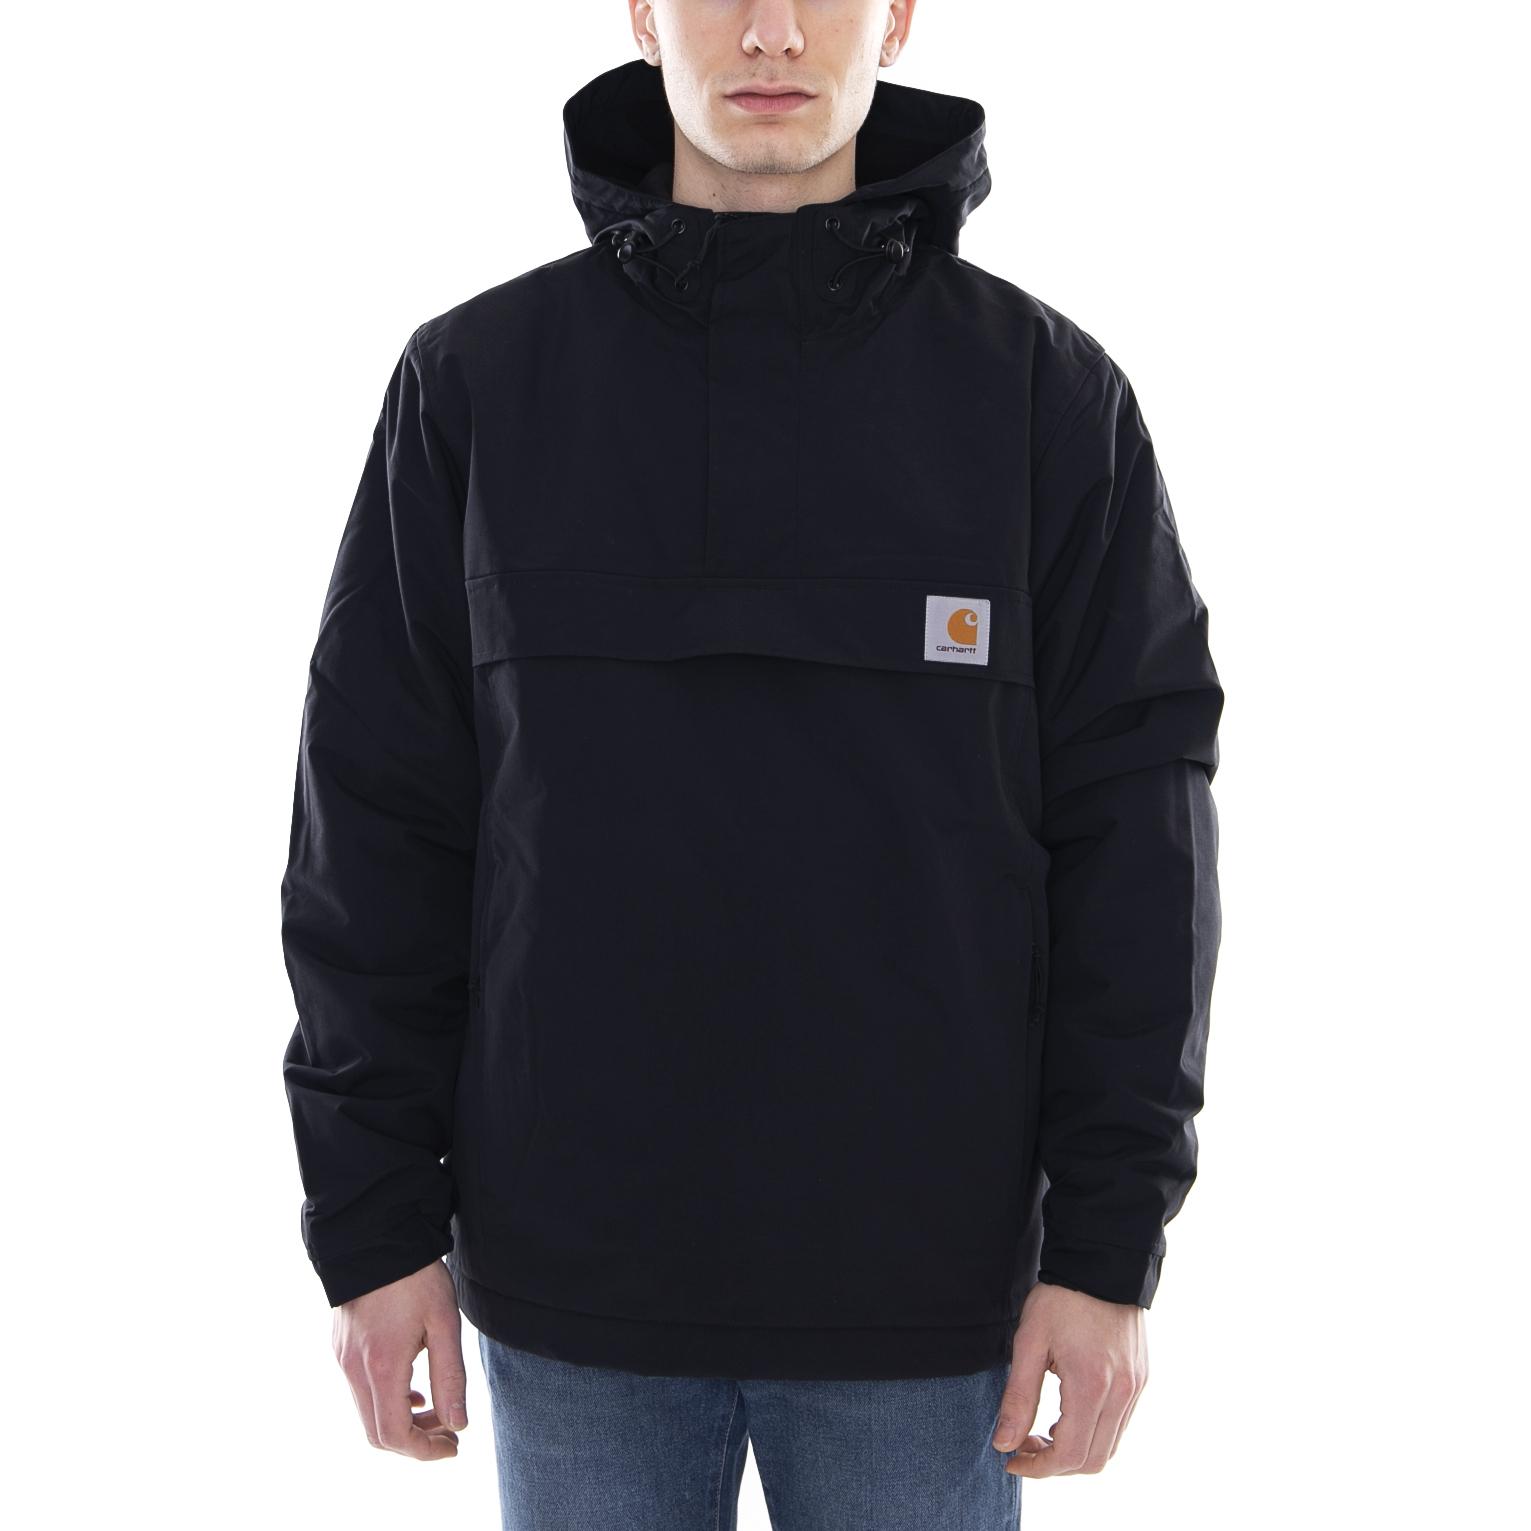 c143e38084 Carhartt Giacche Nimbus Pullover Black Nero